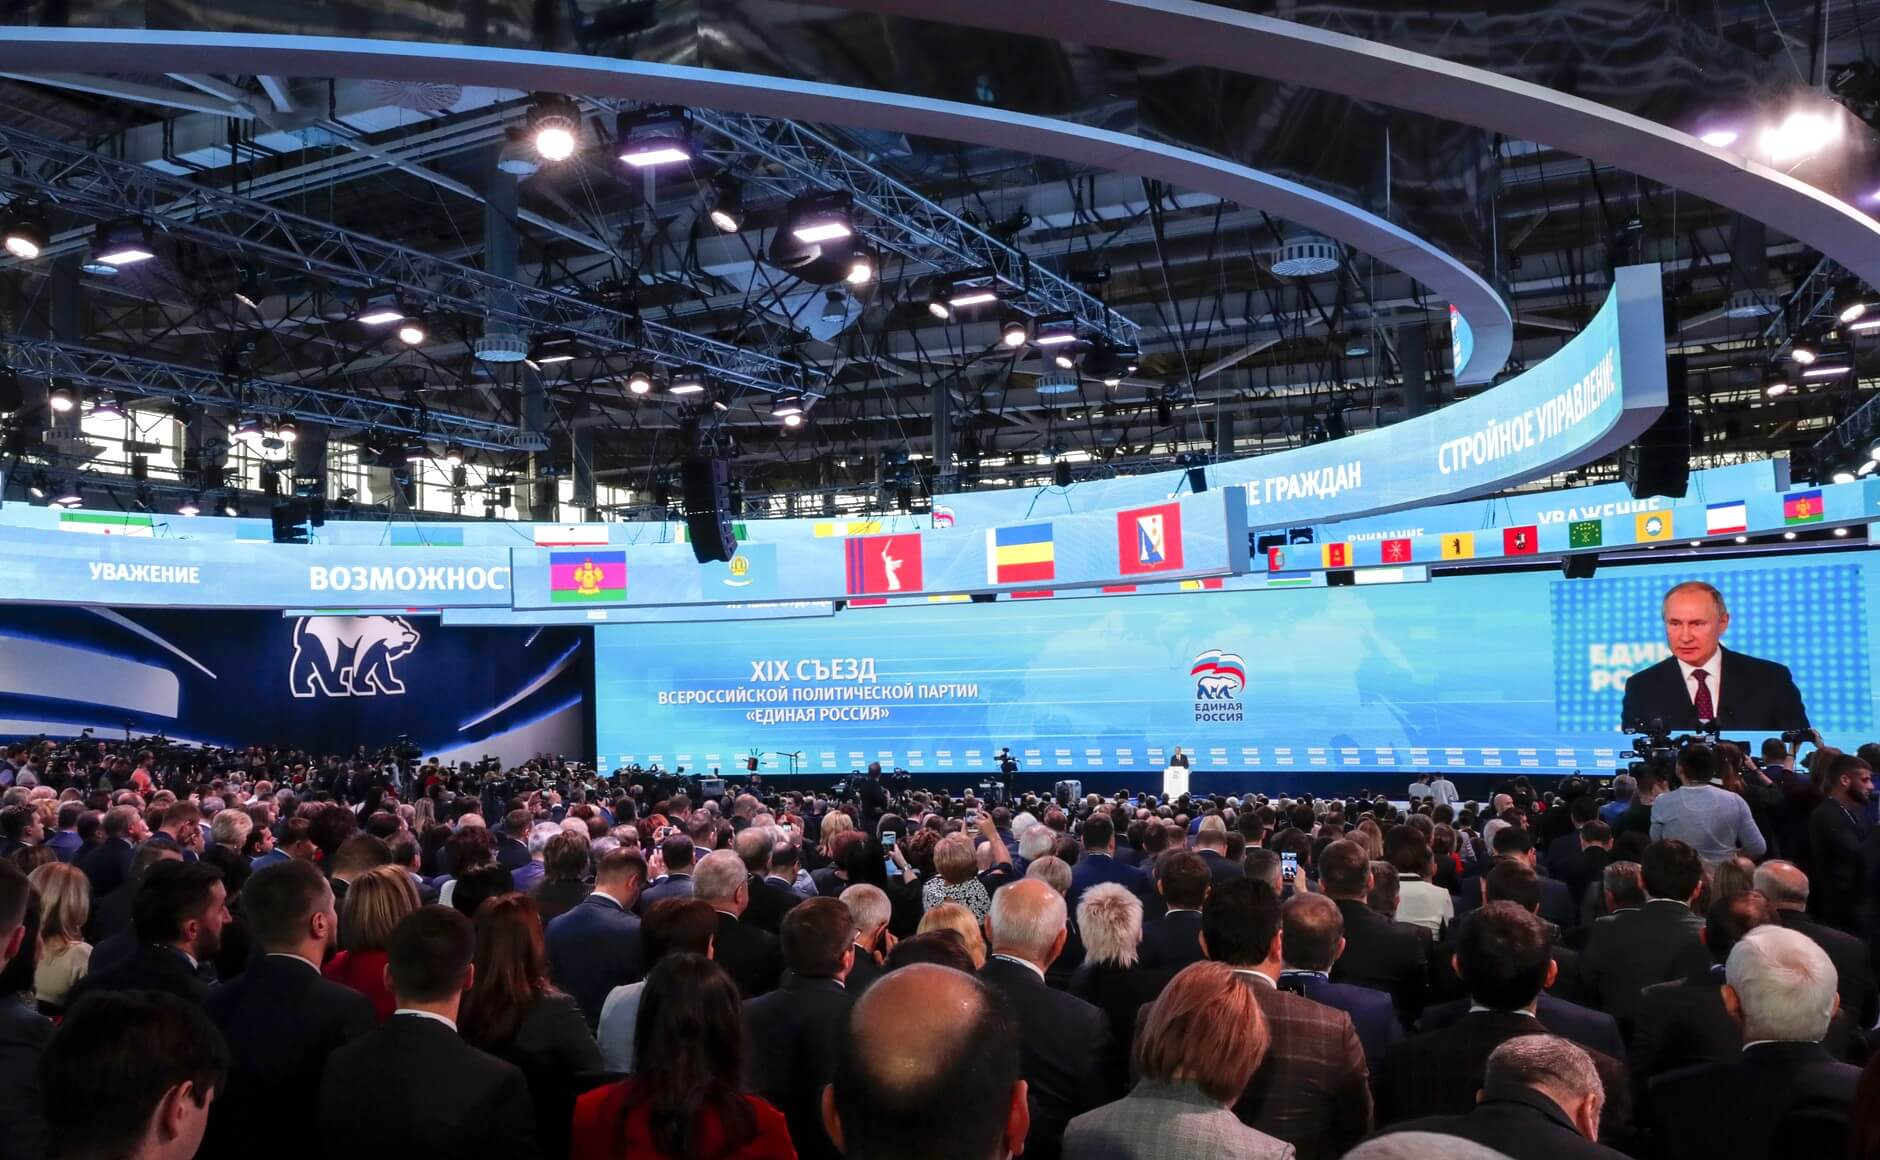 Что обсуждала делегация Кубани на съезде партии «Единая Россия» в Москве